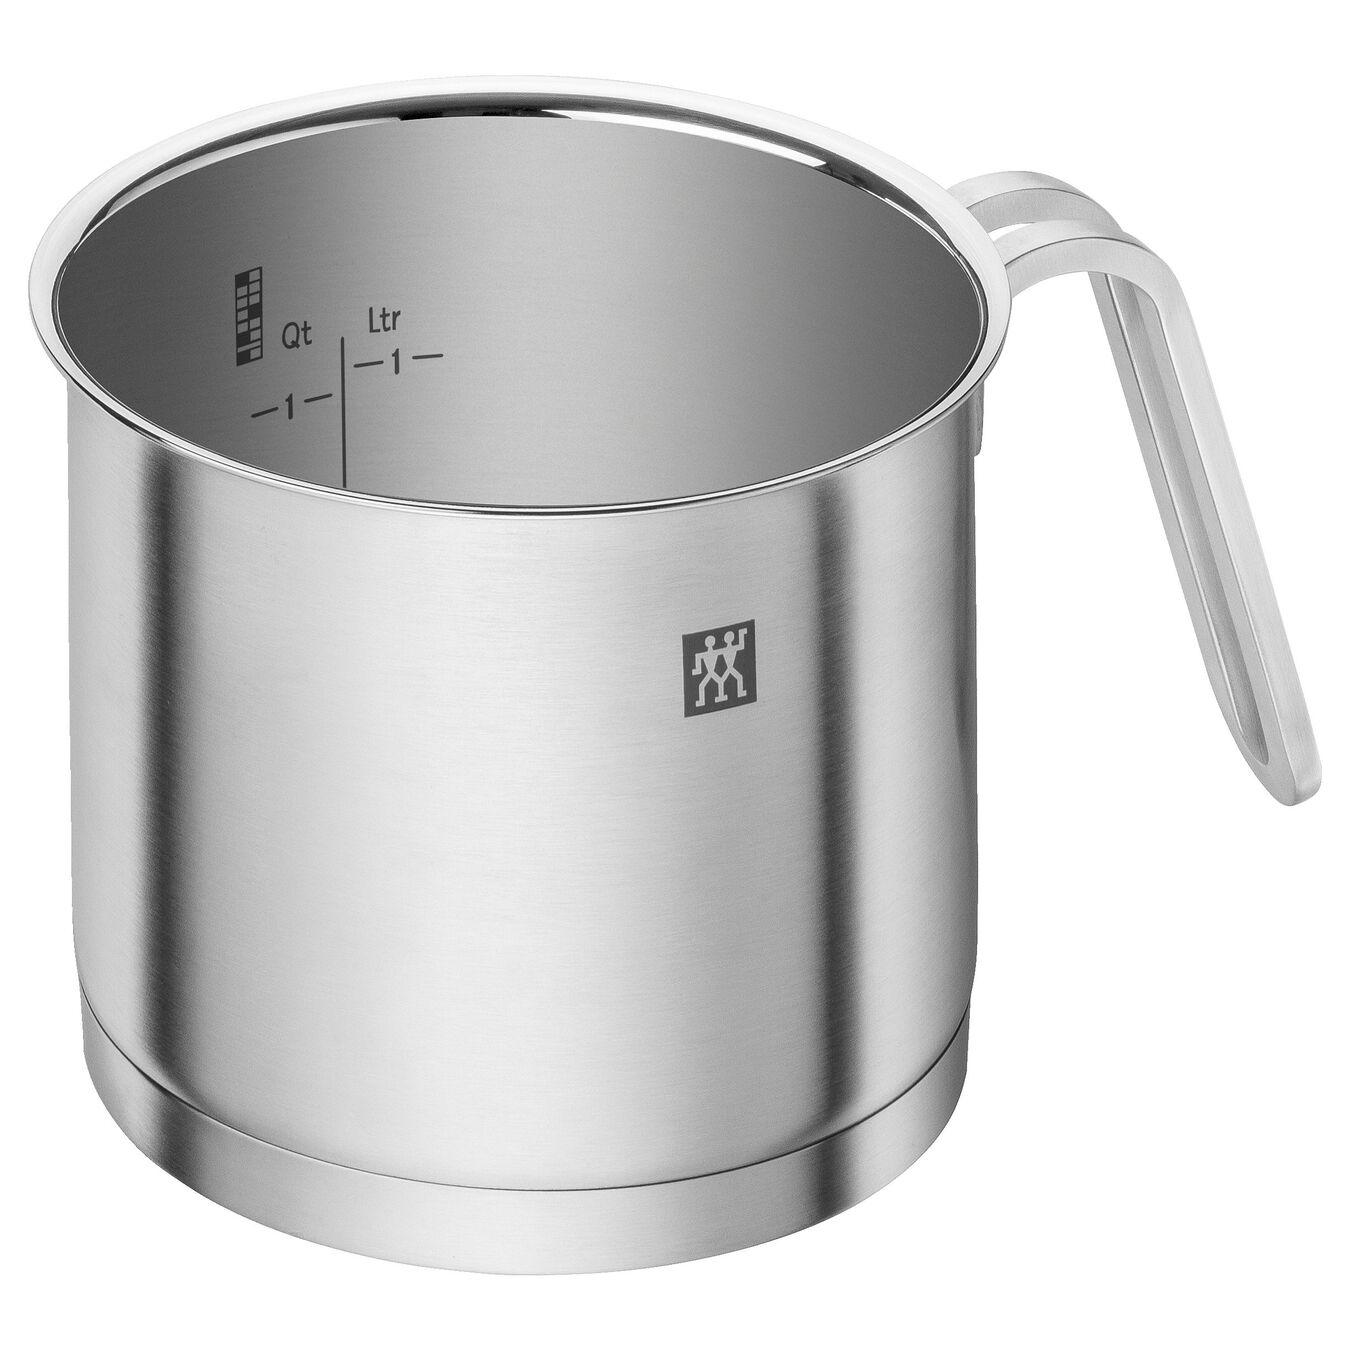 Pot à lait 14 cm, Inox 18/10,,large 1